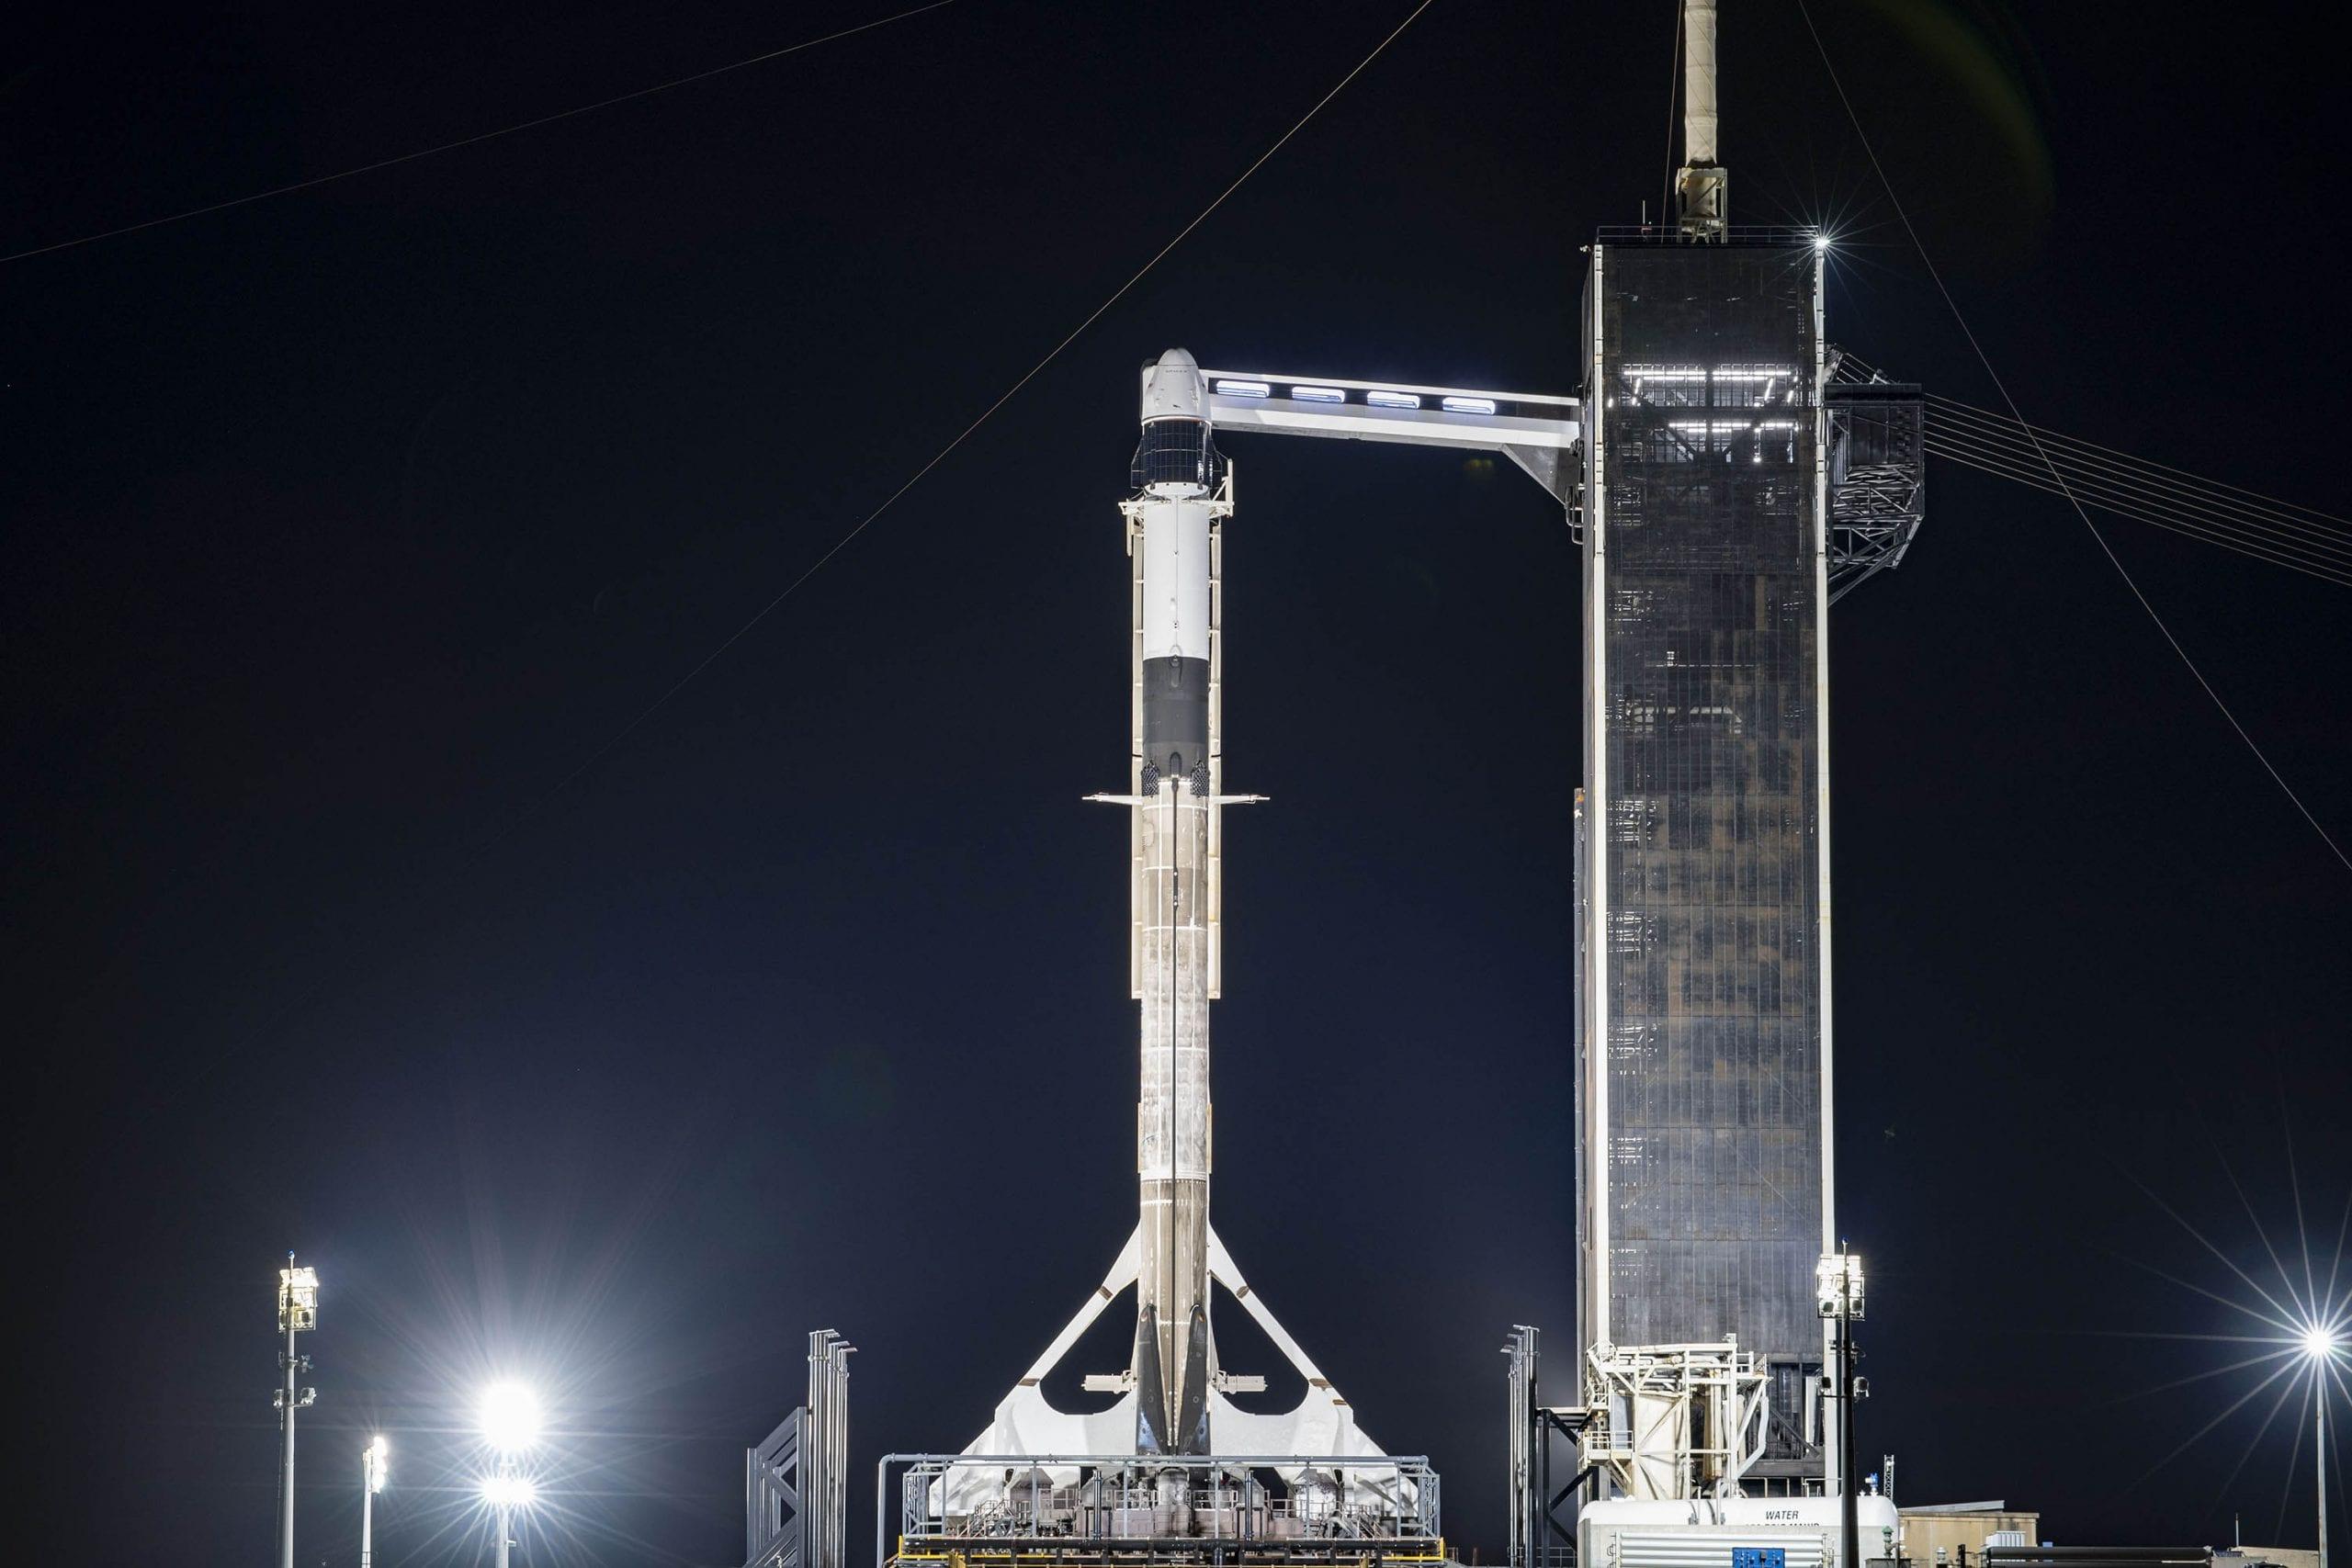 CRS-21: causa maltempo il lancio della Dragon è rimandato a domani